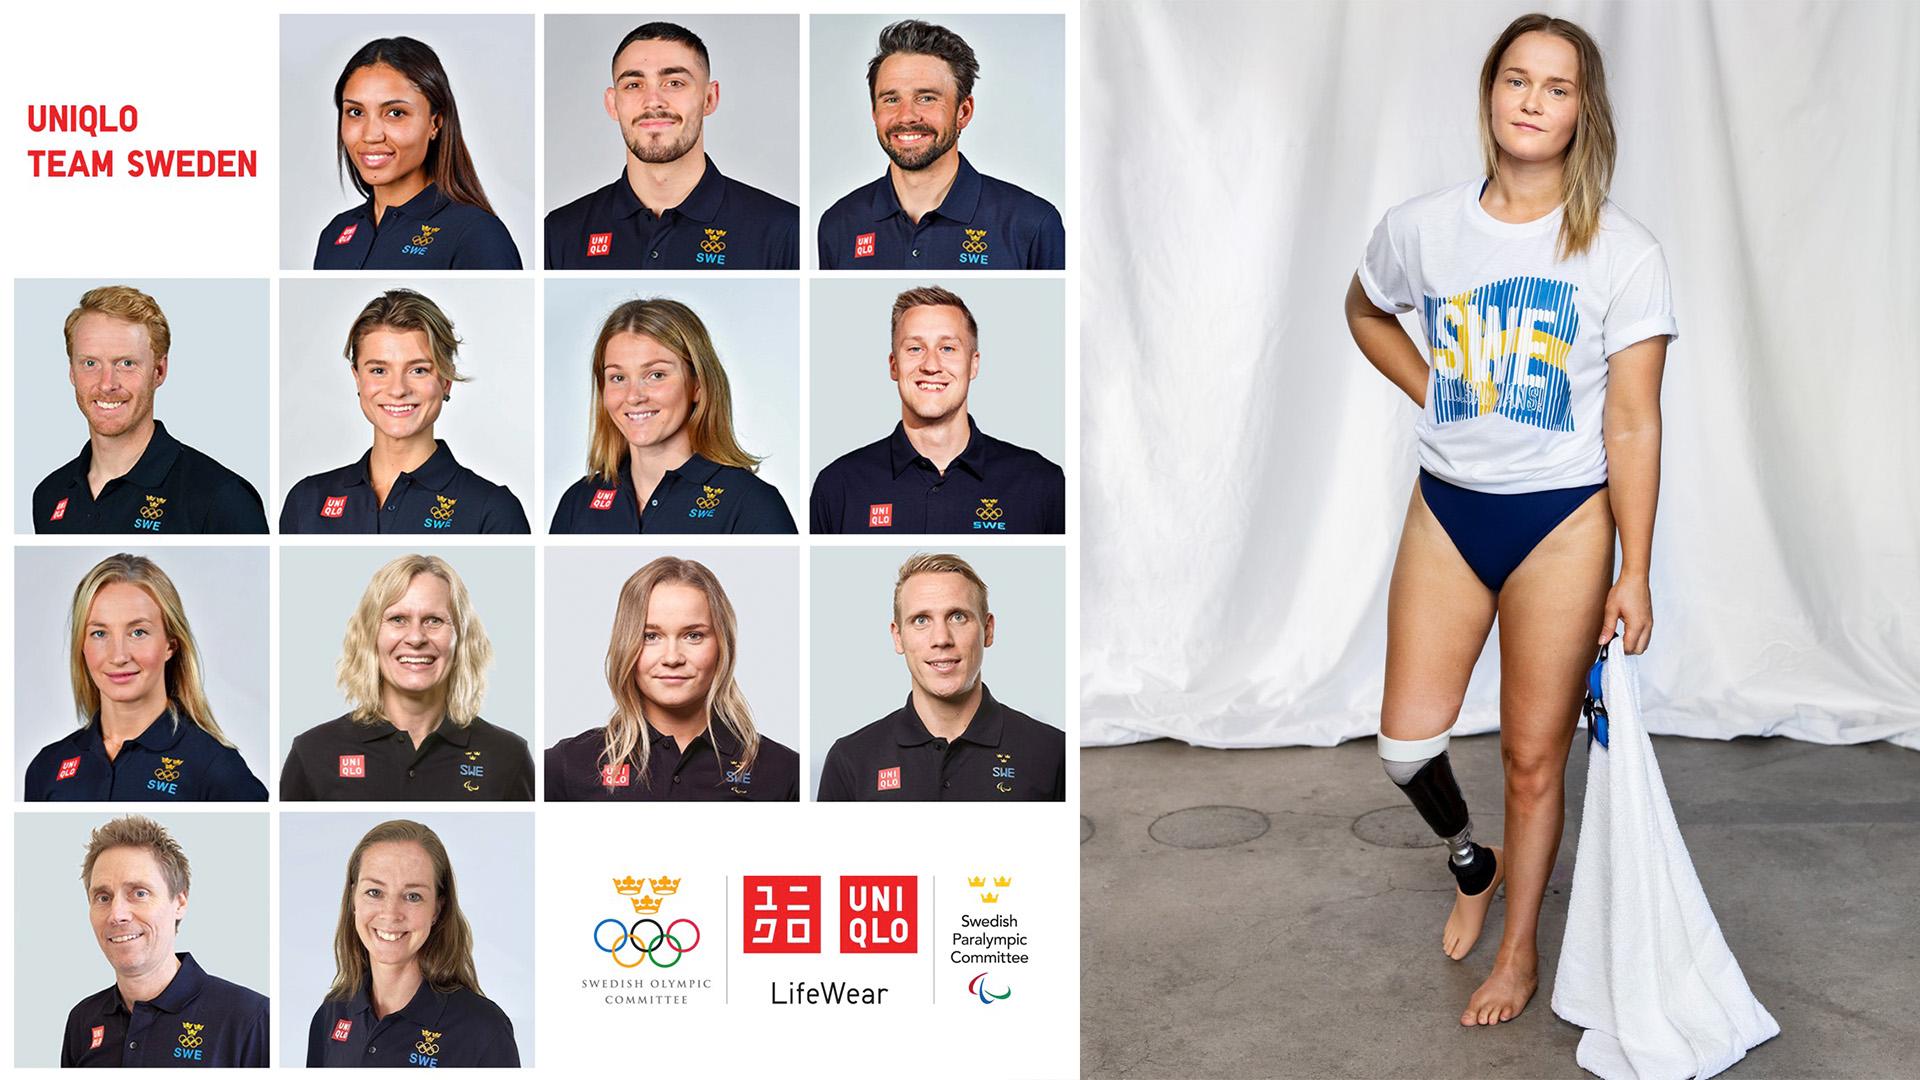 På bilden visas 13 olympier, paralympier och legendarer som alla representerar Uniqlo Team Sweden.